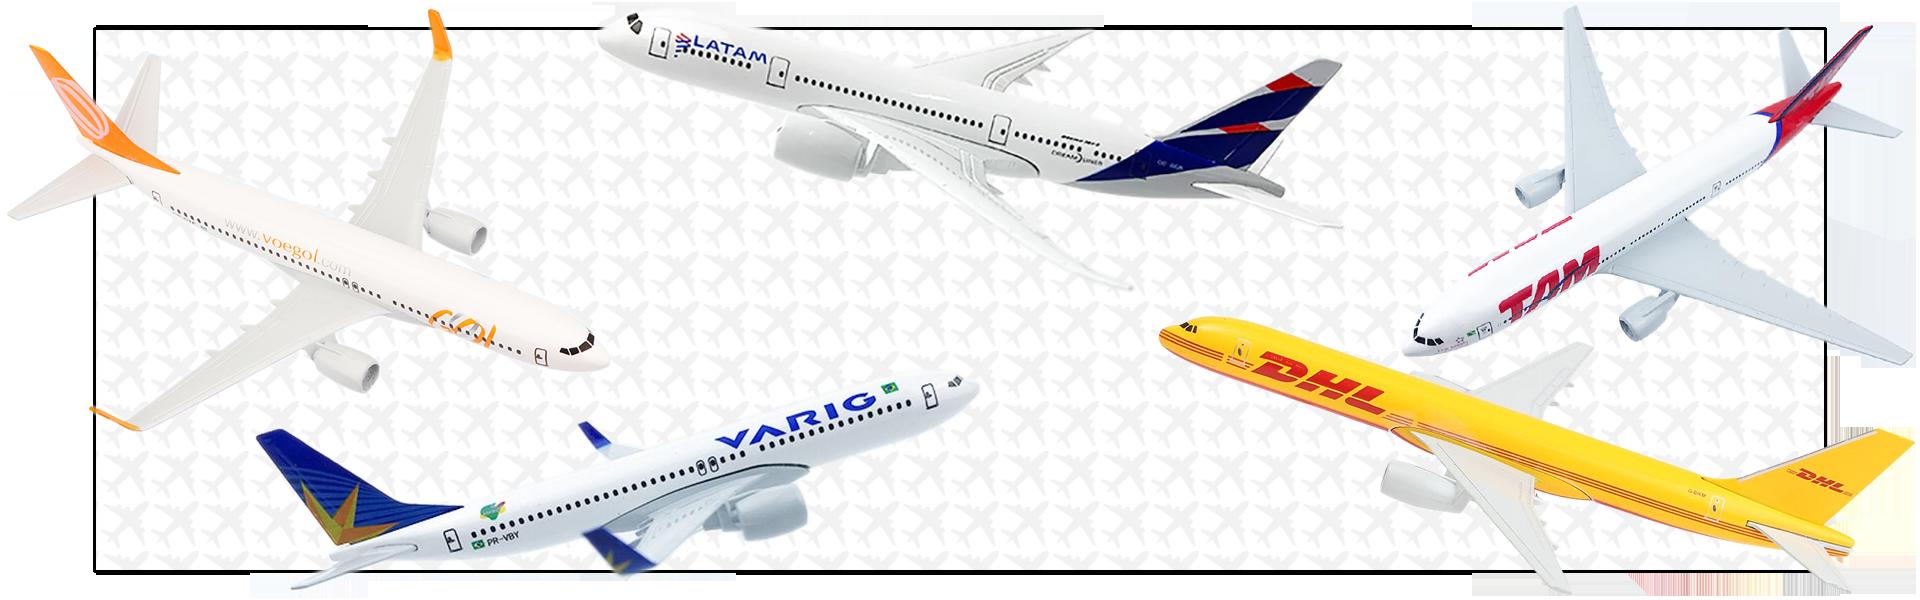 Aeronave Comercial